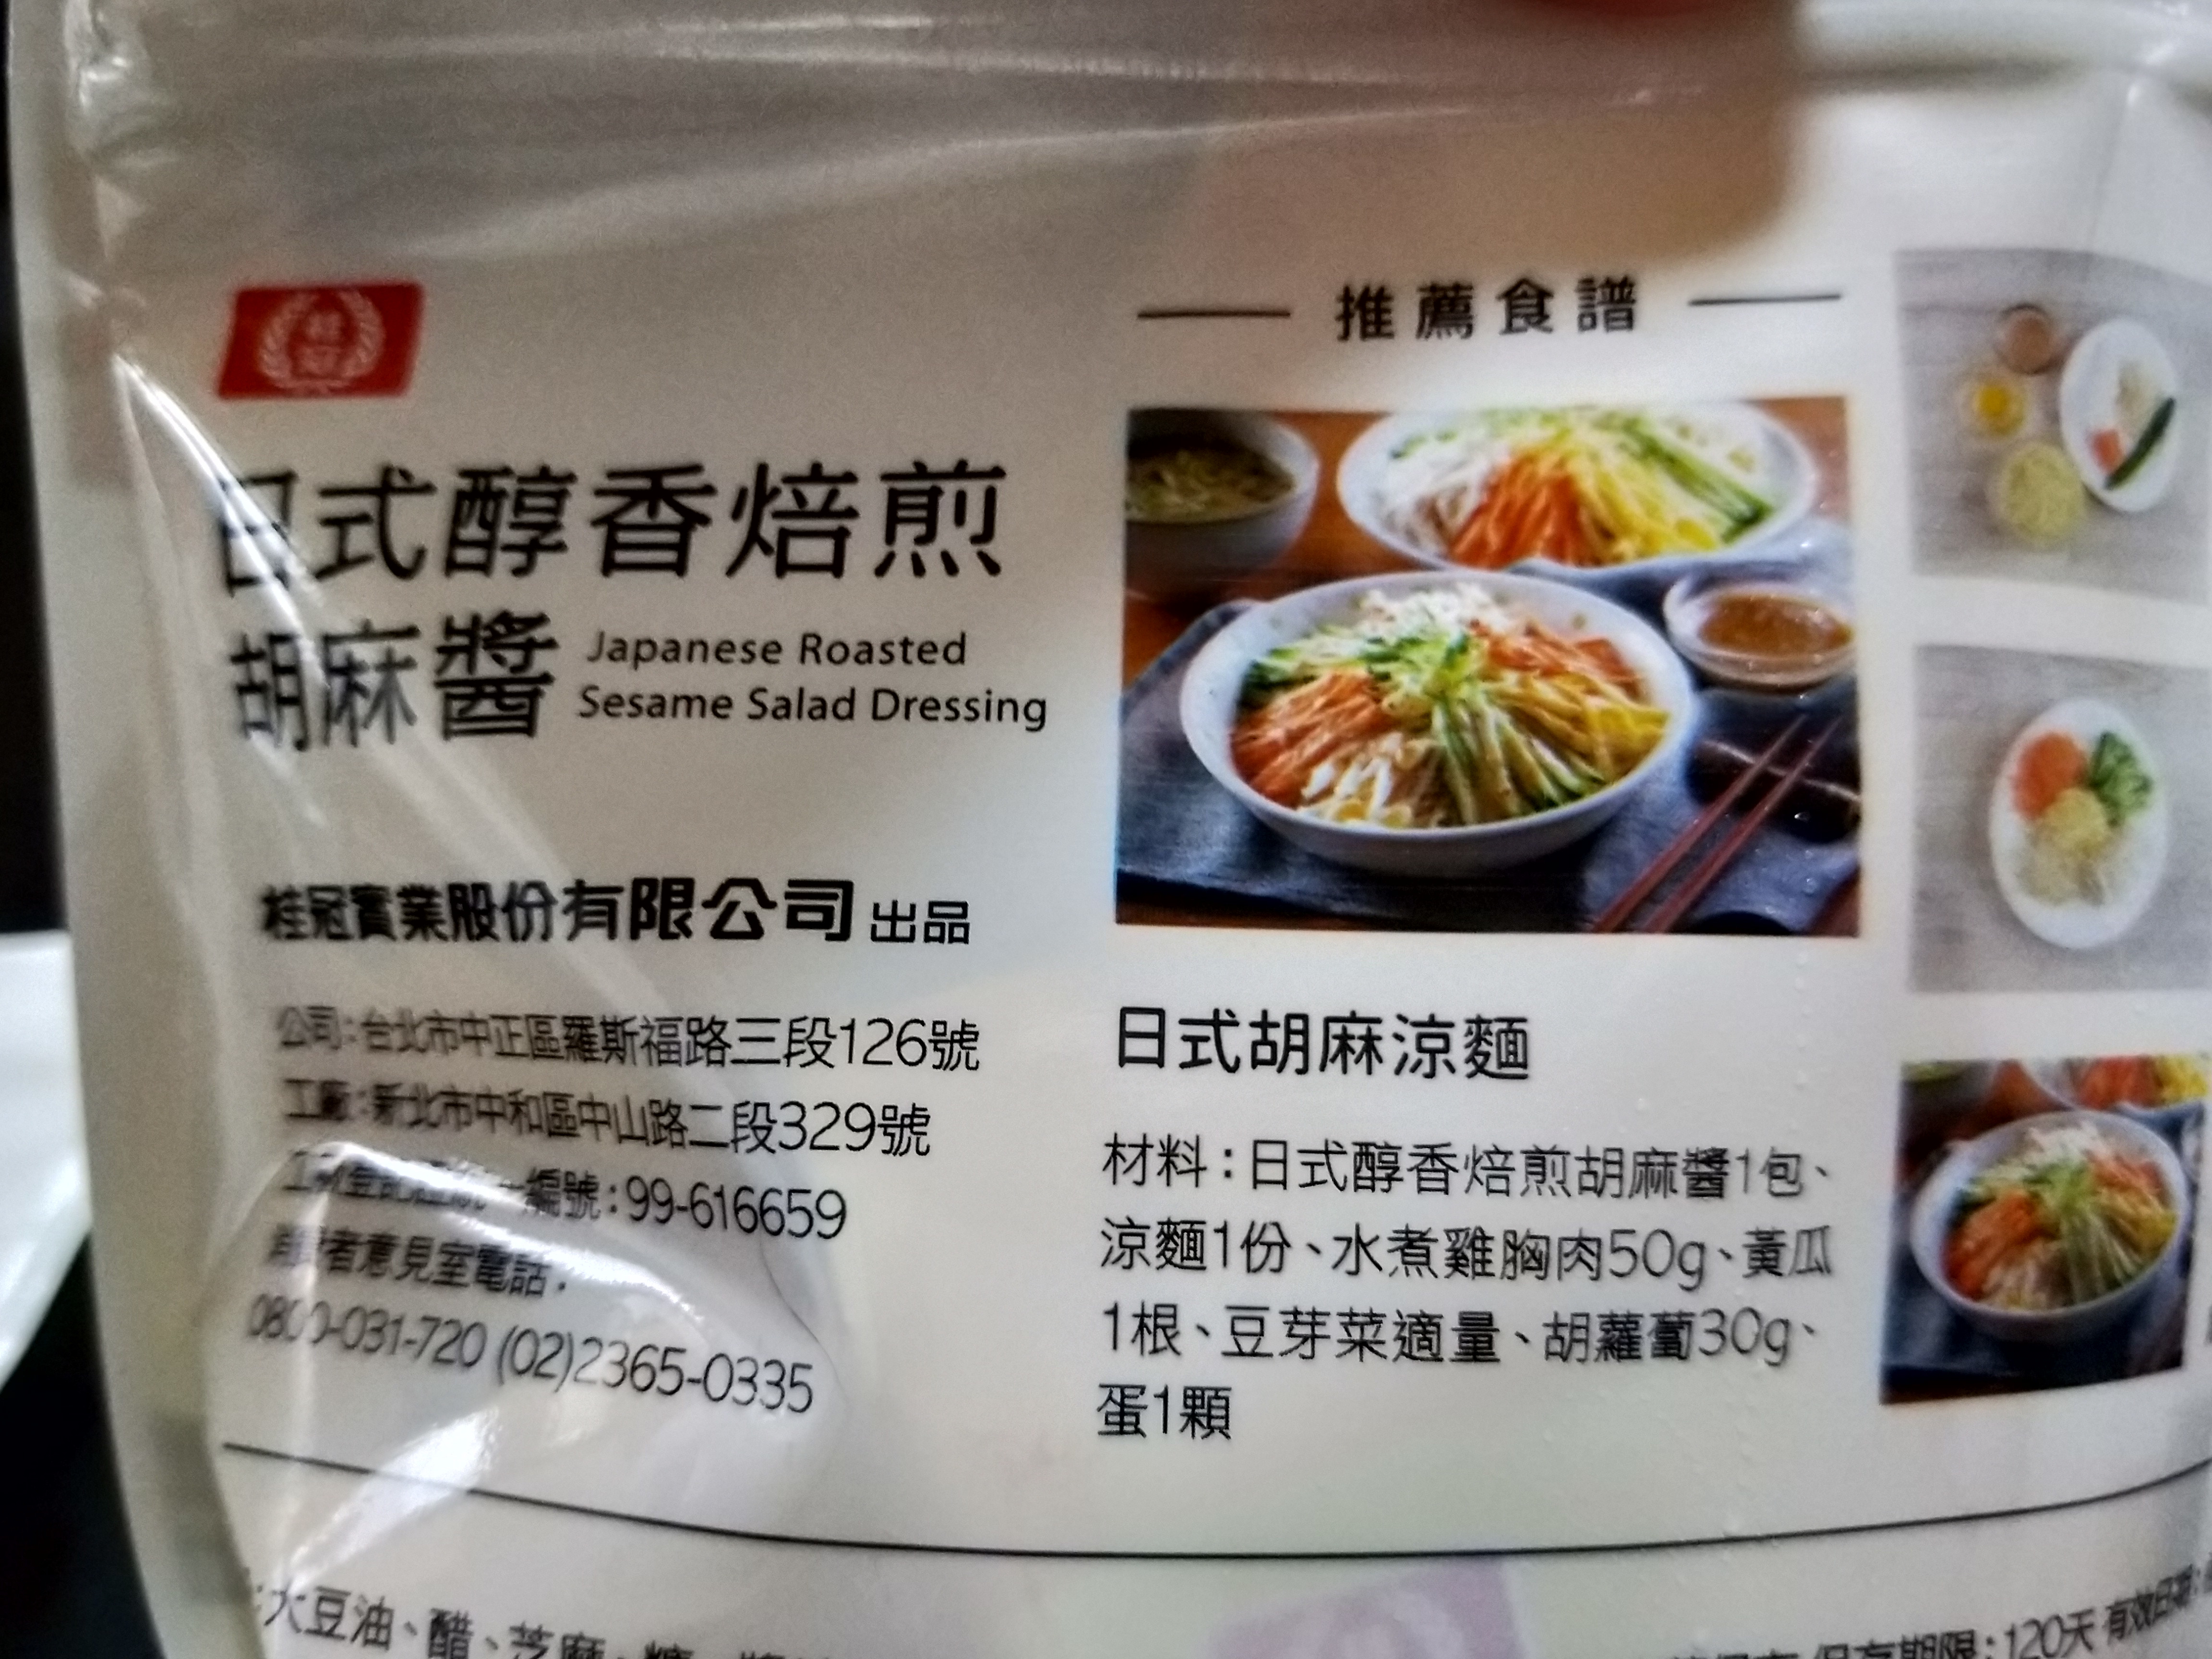 媽媽做菜的好幫手~~桂冠風味沙拉的第 7 張圖片